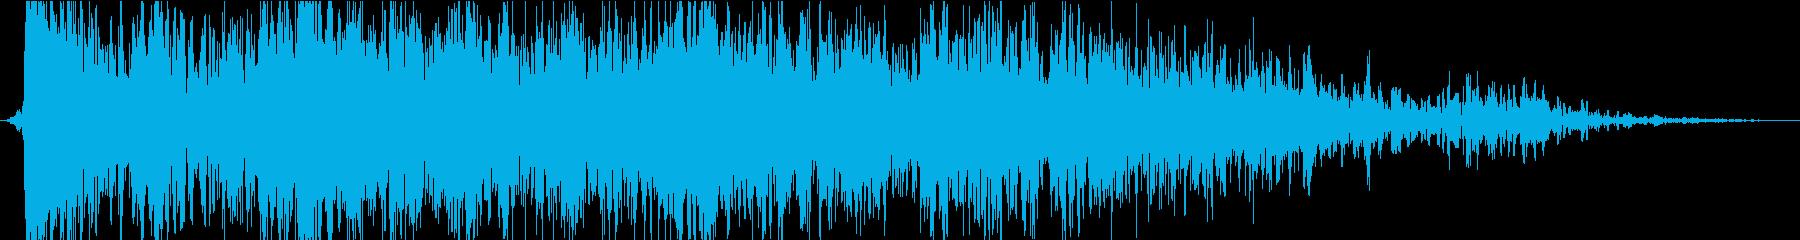 雷07の再生済みの波形